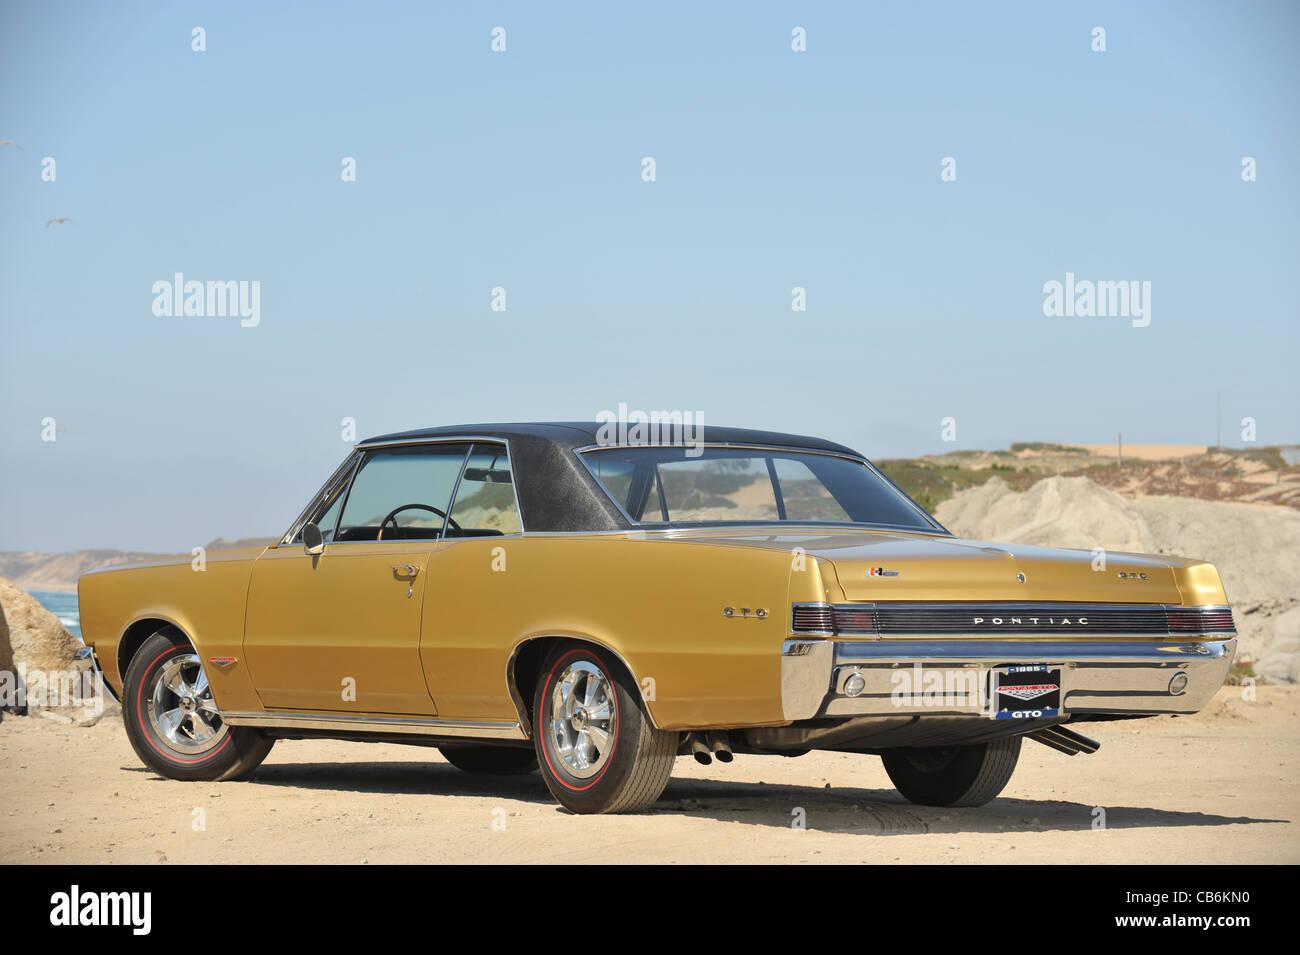 Your ride: 1965 pontiac gto.